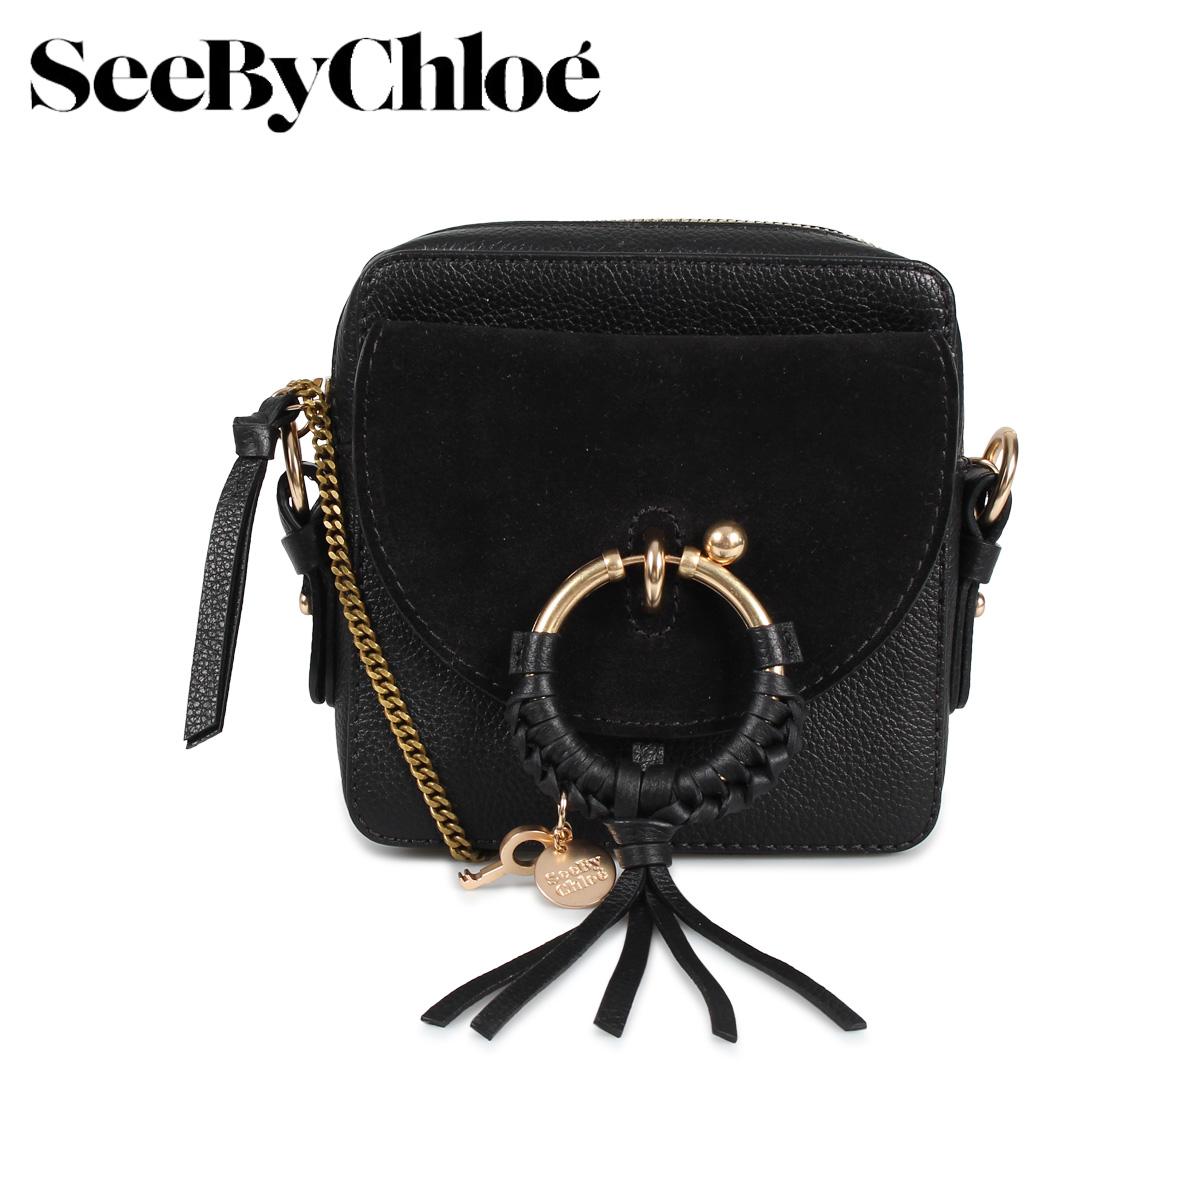 シーバイクロエ 訳あり SEE 新着セール BY CHLOE バッグ ショルダーバッグ BAG SHOULDER CHS19SS994330 レディース ブラック 黒